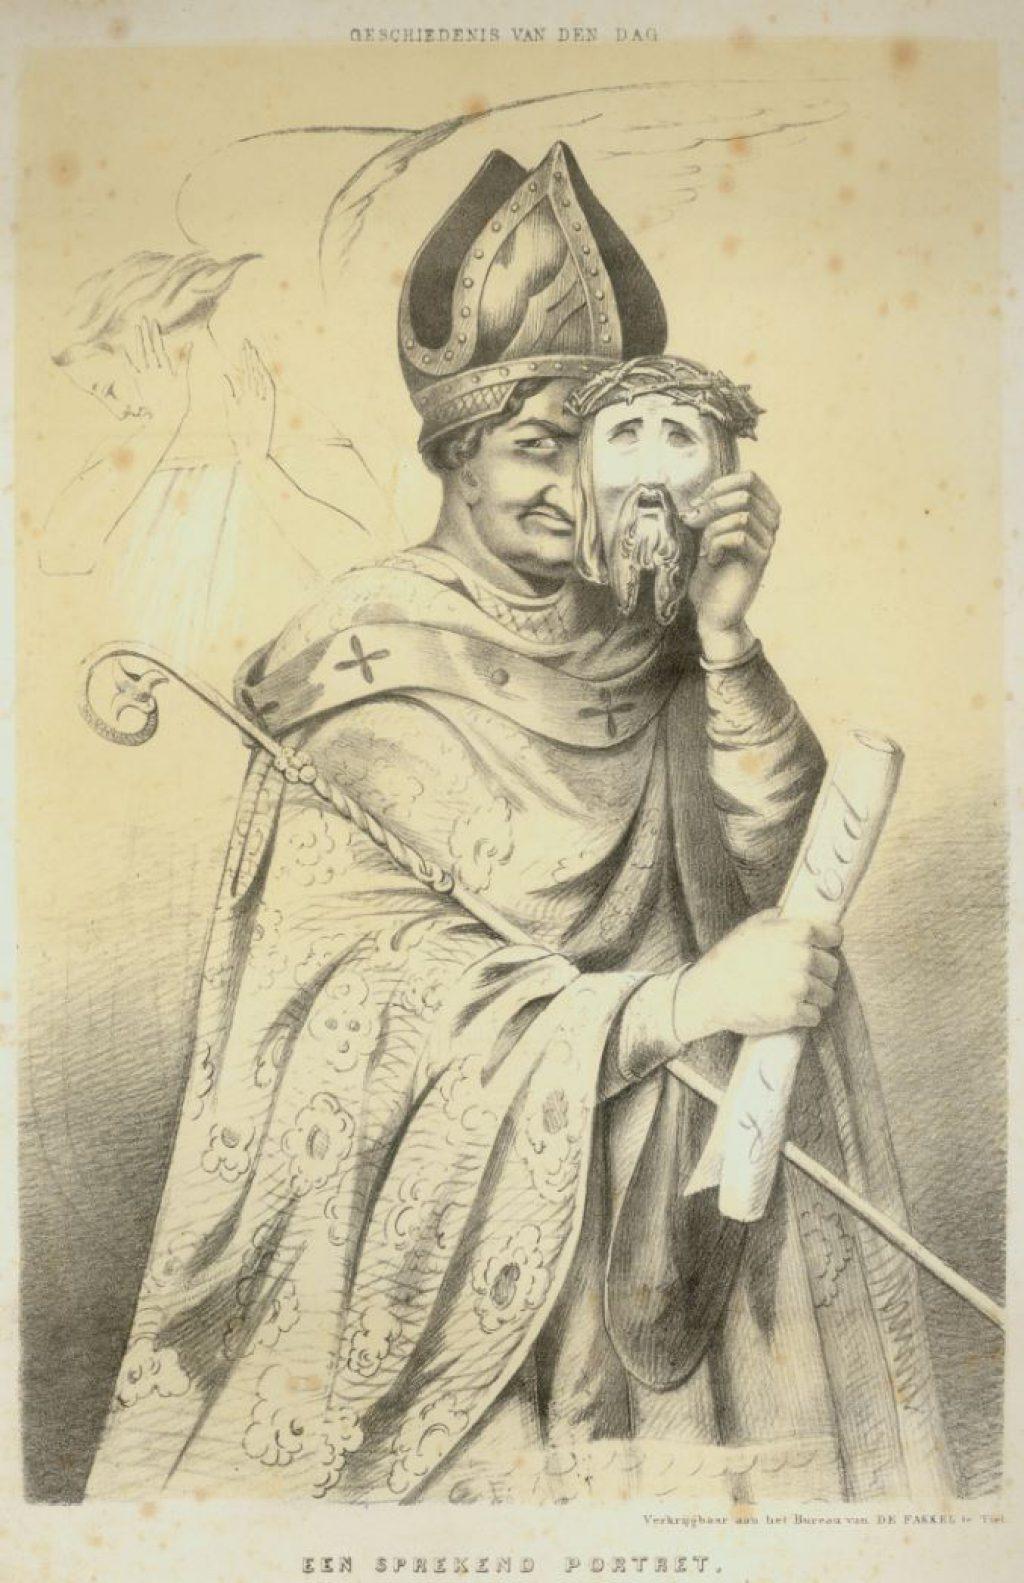 Spotprent op het katholicisme, 1853. (TMS 91565)